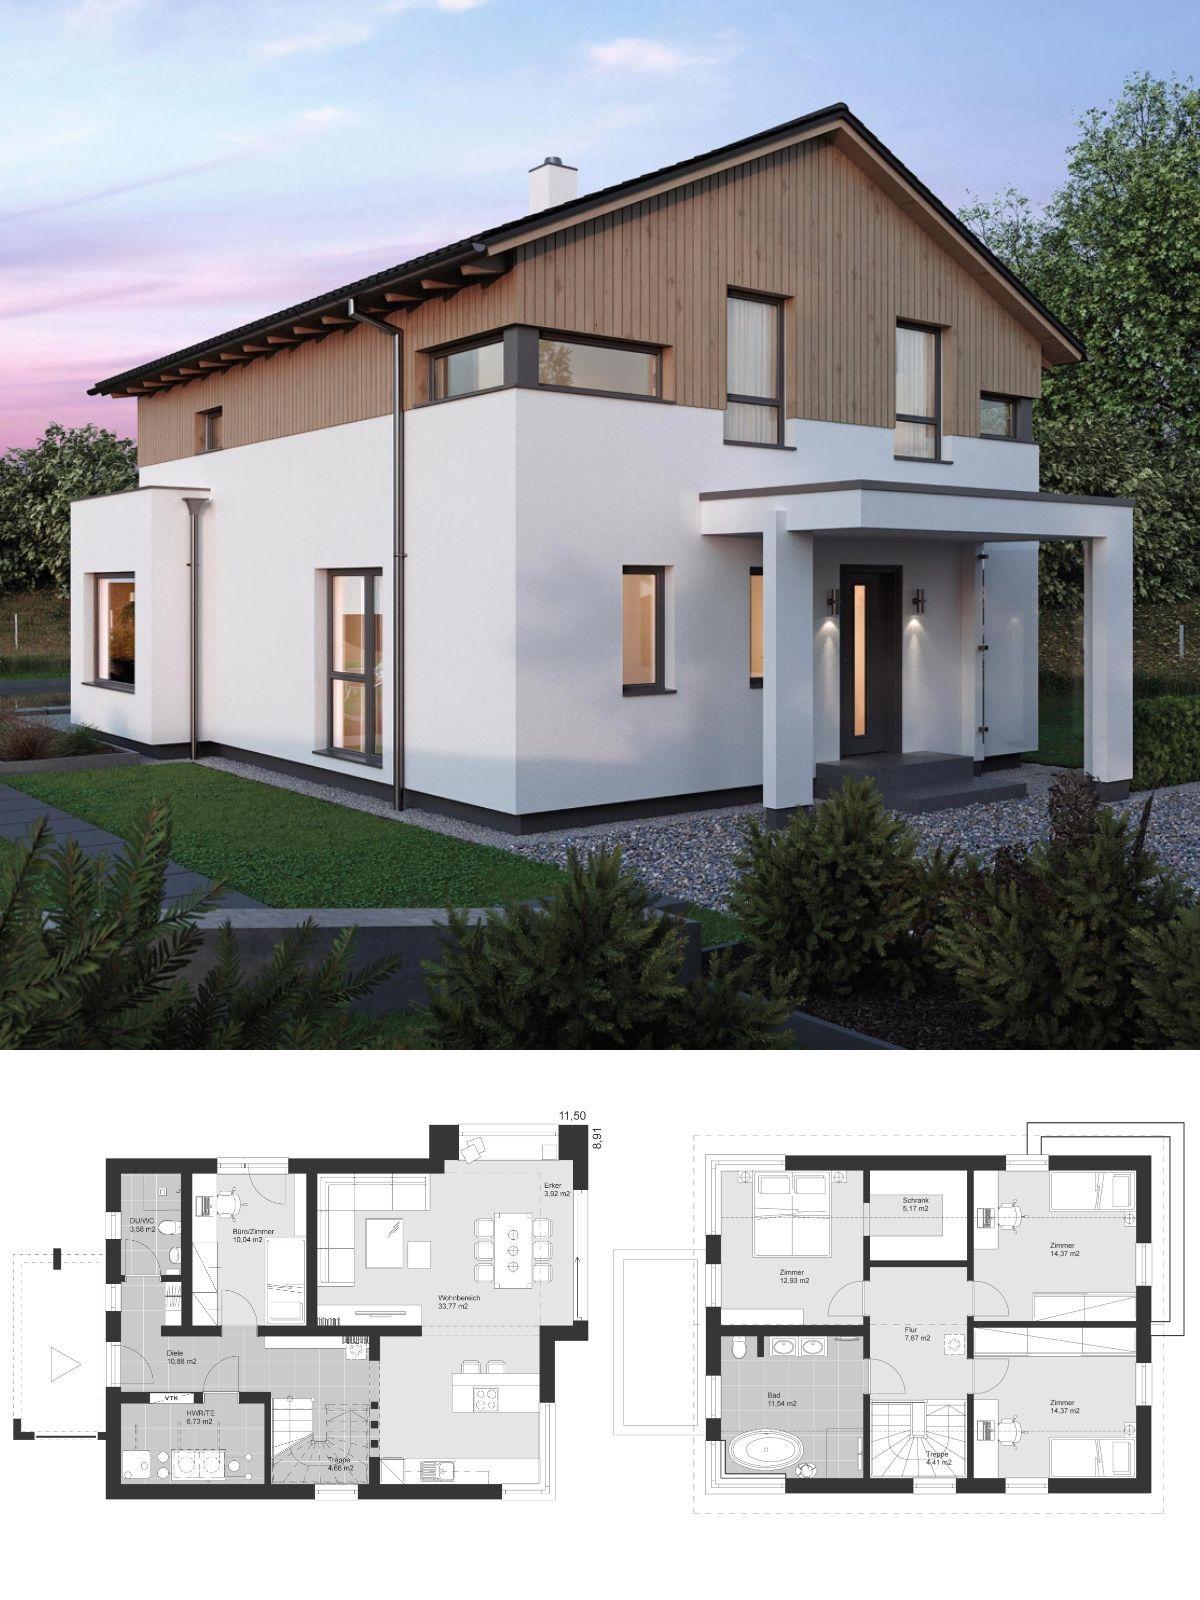 Modernes Landhaus im Alpenstil Grundriss mit Satteldach Architektur ...